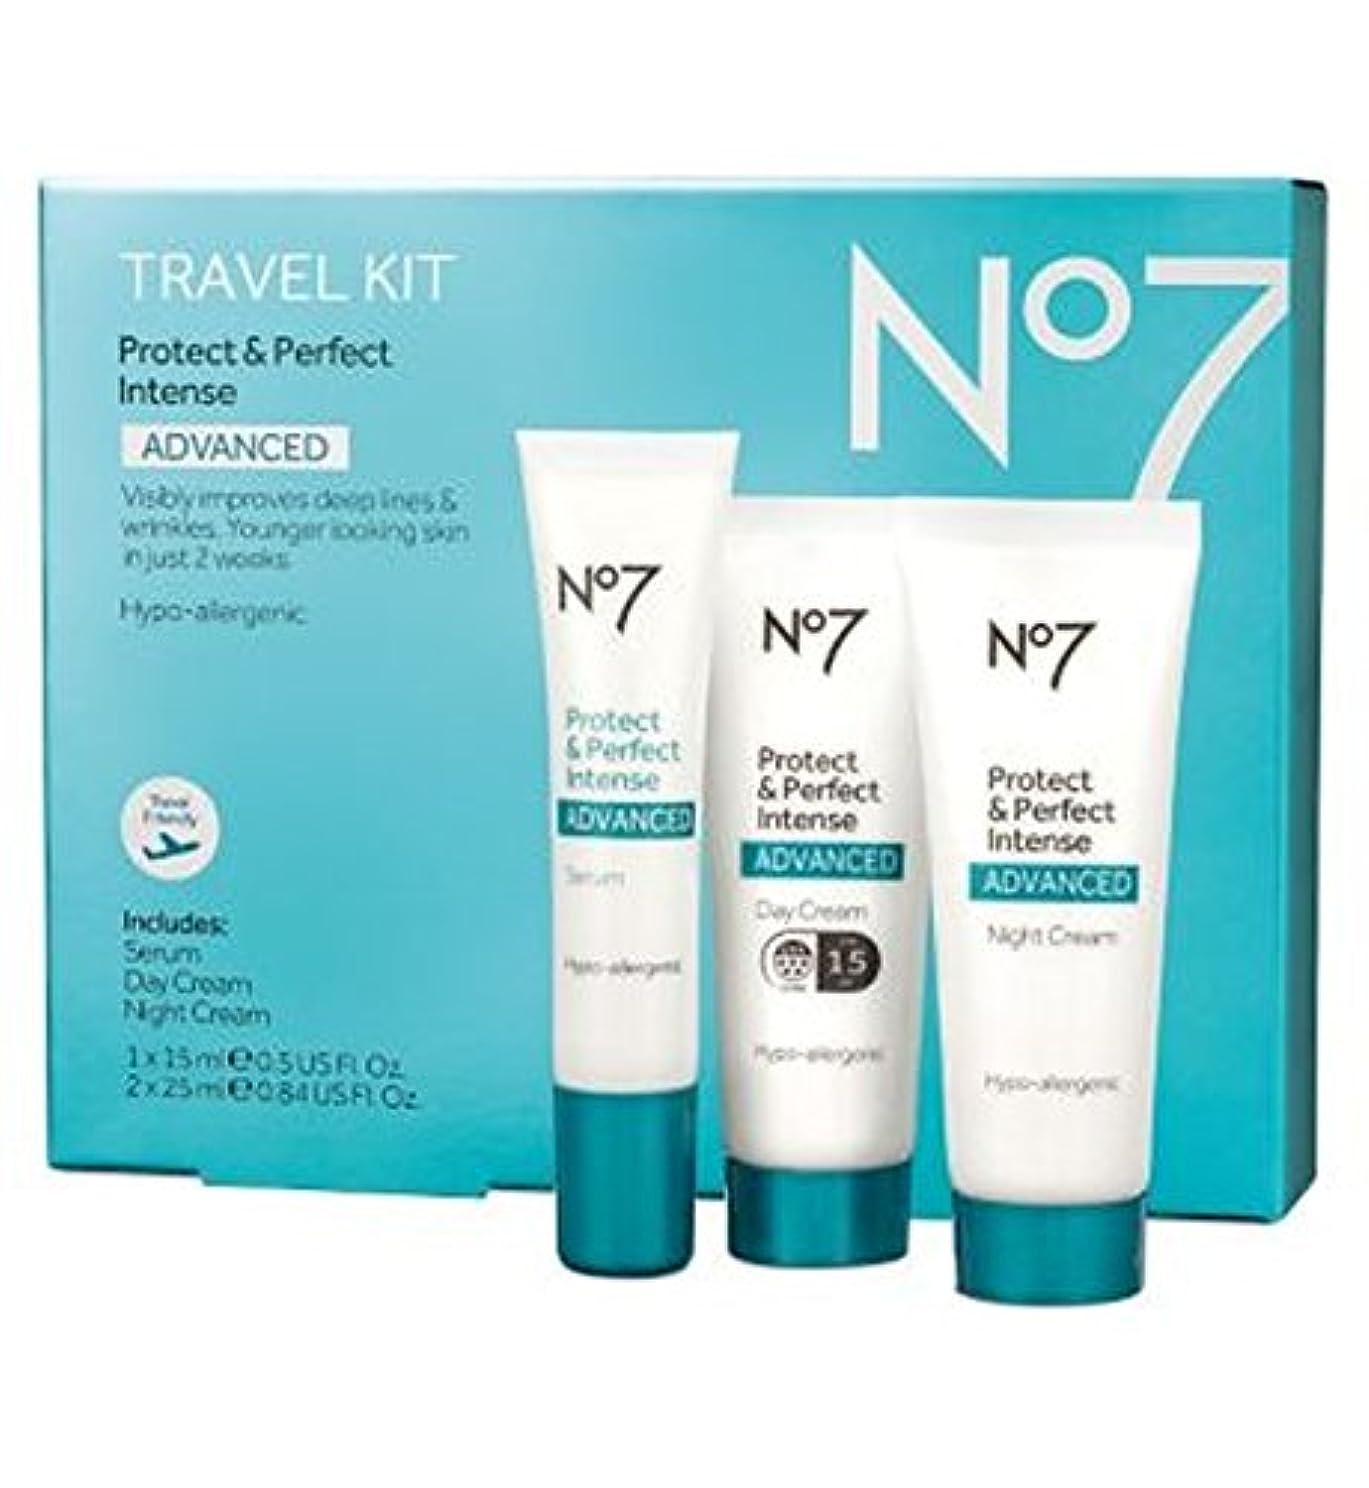 解決する政令今晩No7 Protect & Perfect Intense ADVANCED Travel Kit - No7保護&完璧な強烈な高度な旅行キット (No7) [並行輸入品]